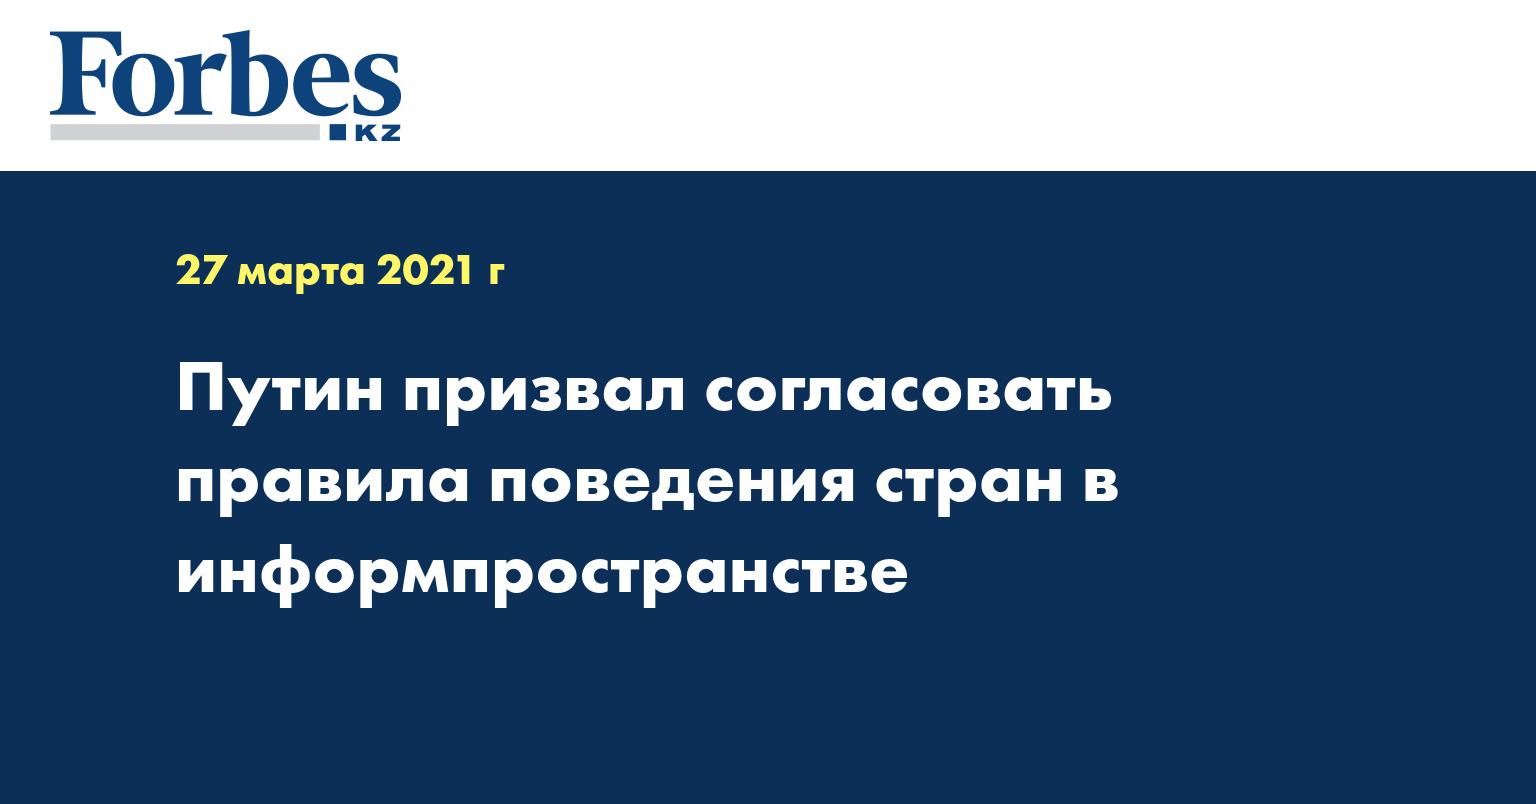 Путин призвал согласовать правила поведения стран в информпространстве